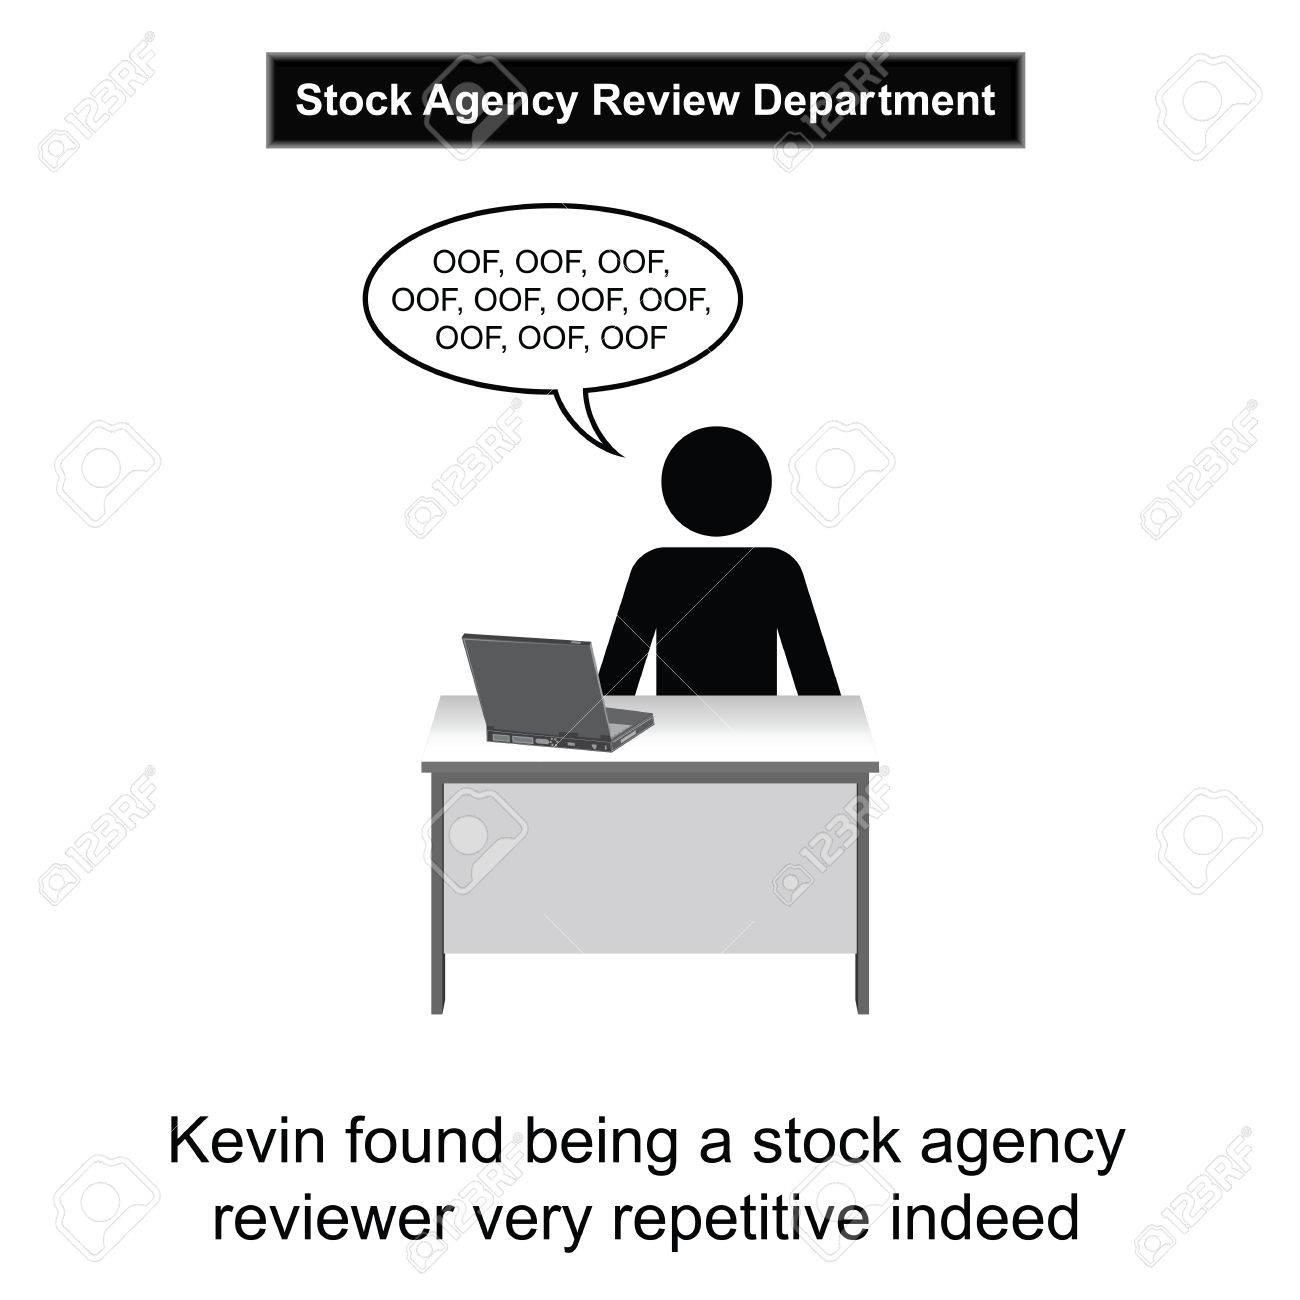 Kevin Kreeg Vervelen Op Het Werk Cartoon Geïsoleerd Op Witte Achtergrond